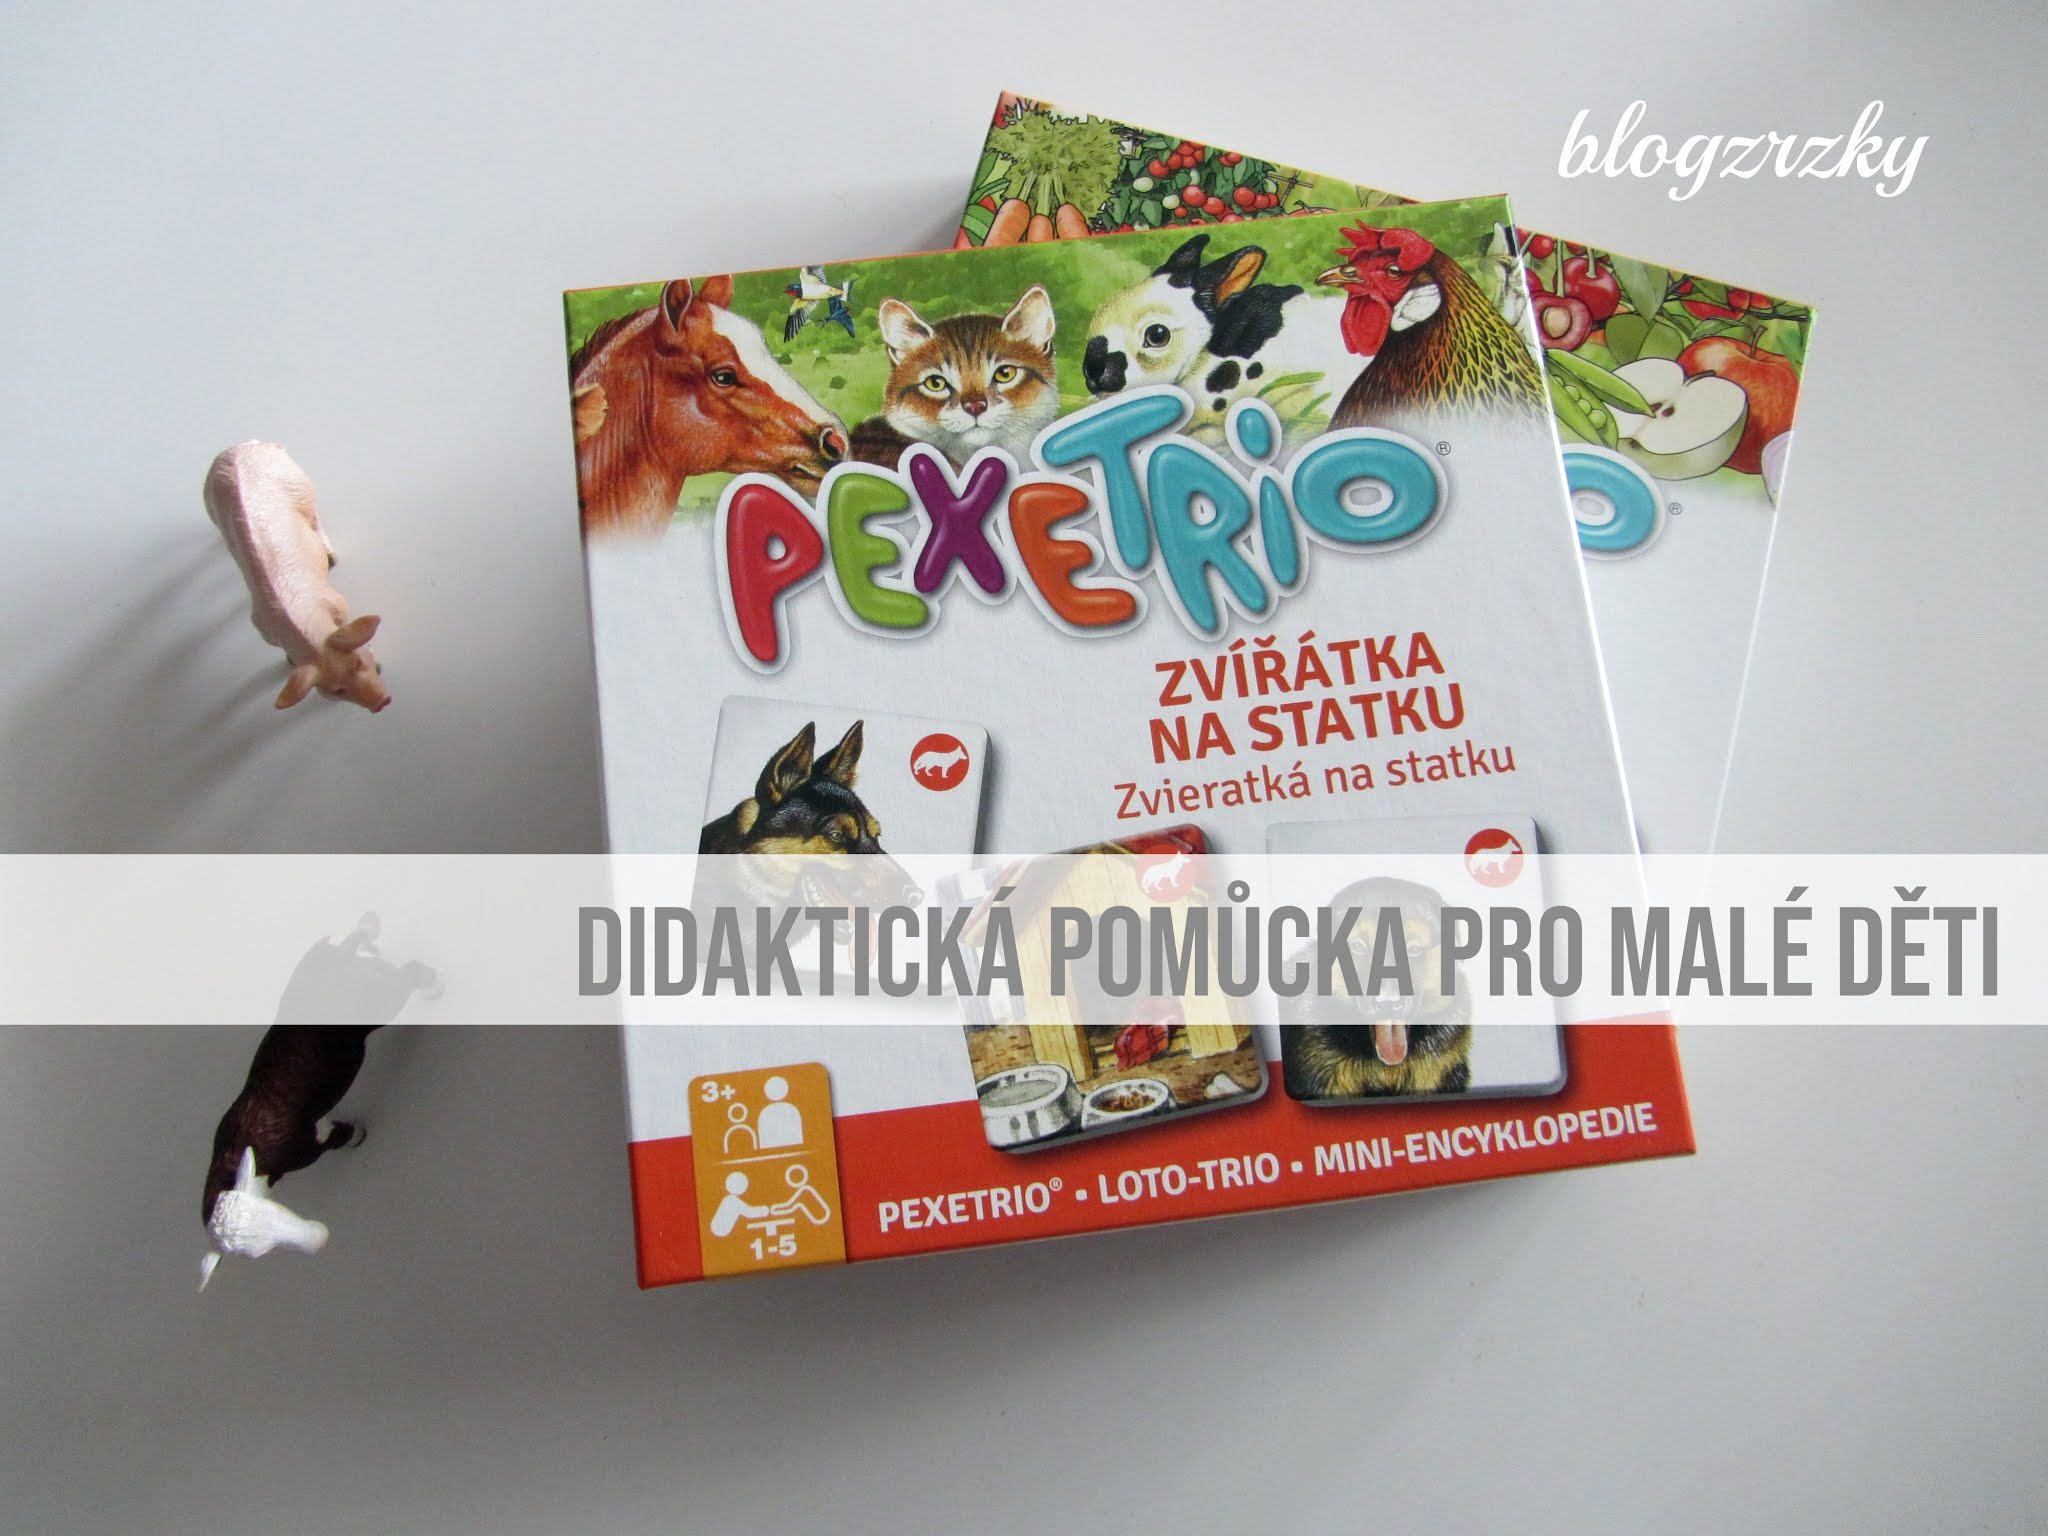 Pexetrio na Blogu Zrzky opět zaujalo